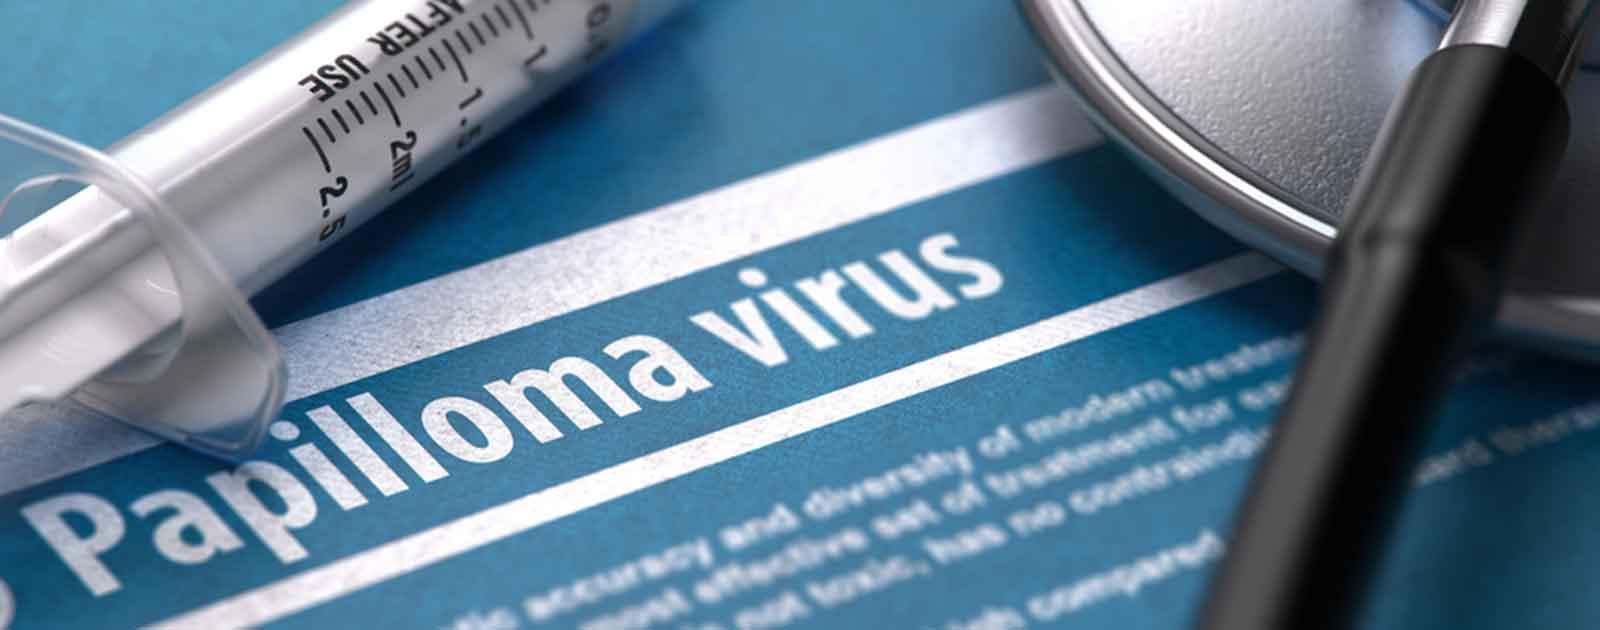 Che cos e il papilloma - Papilloma virus che cos e